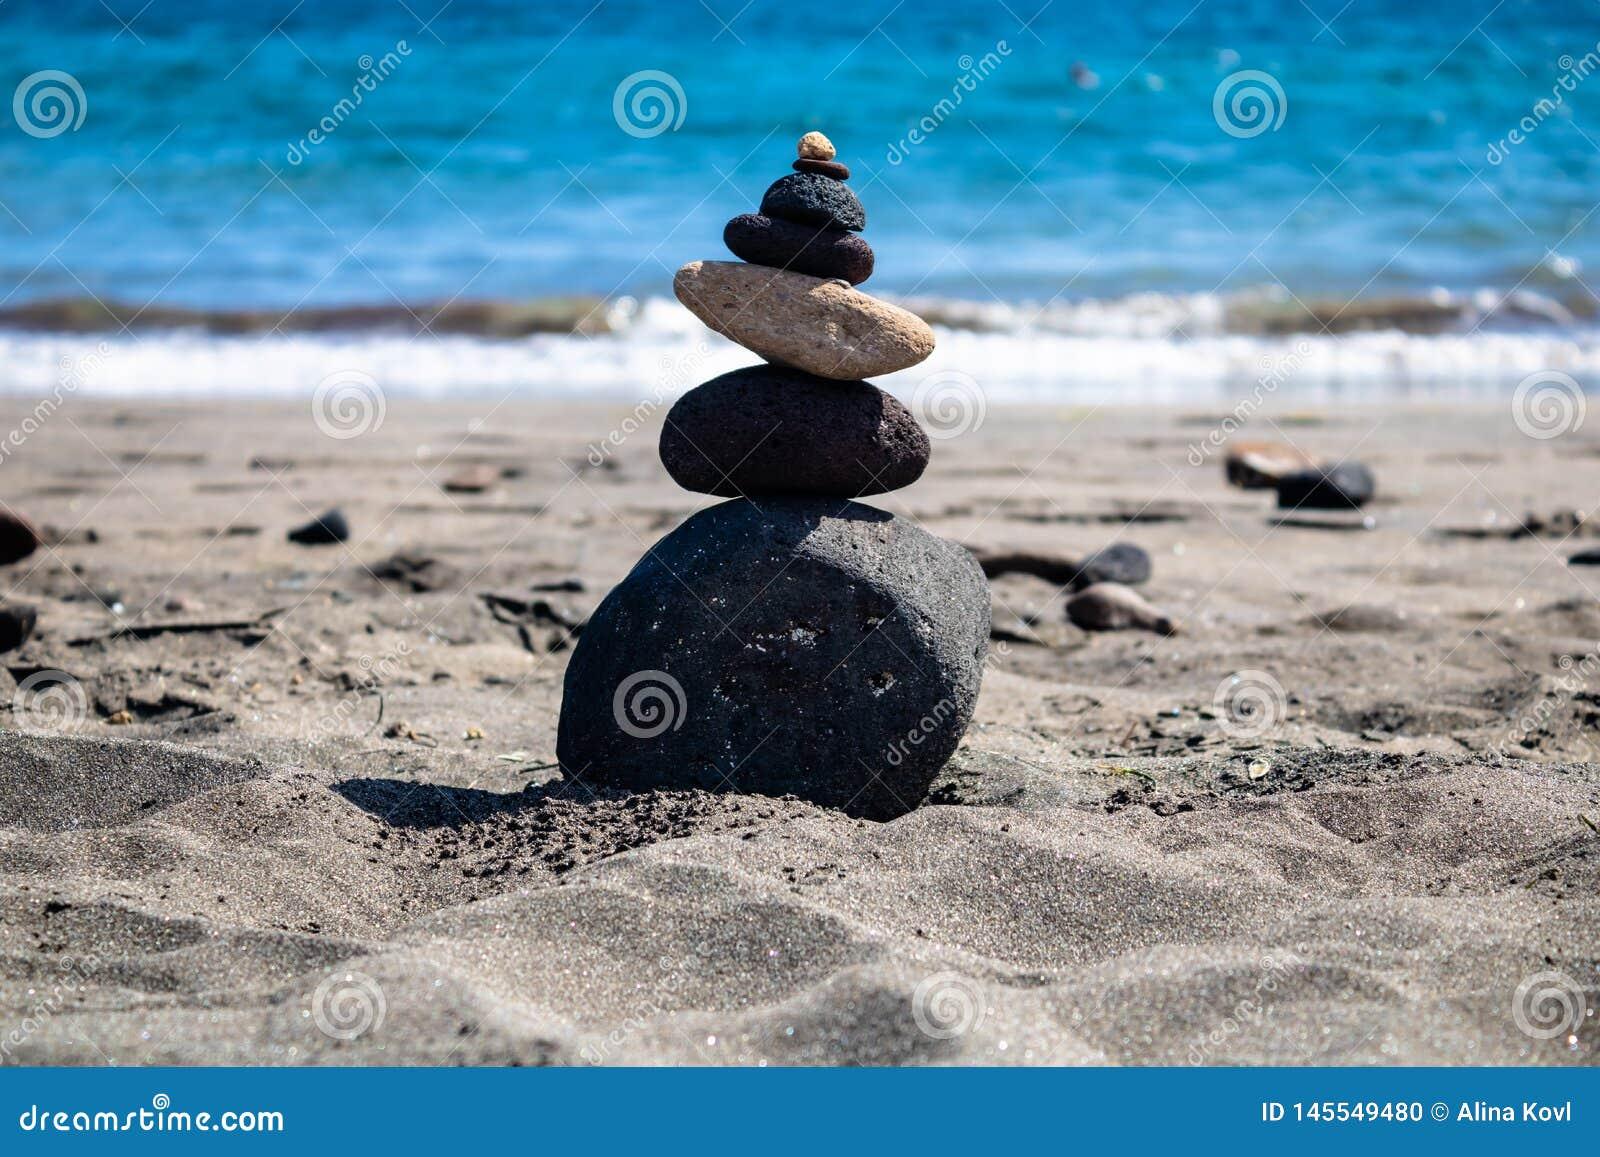 Composición de equilibrio en la playa con el fondo azul del océano - imagen de las piedras